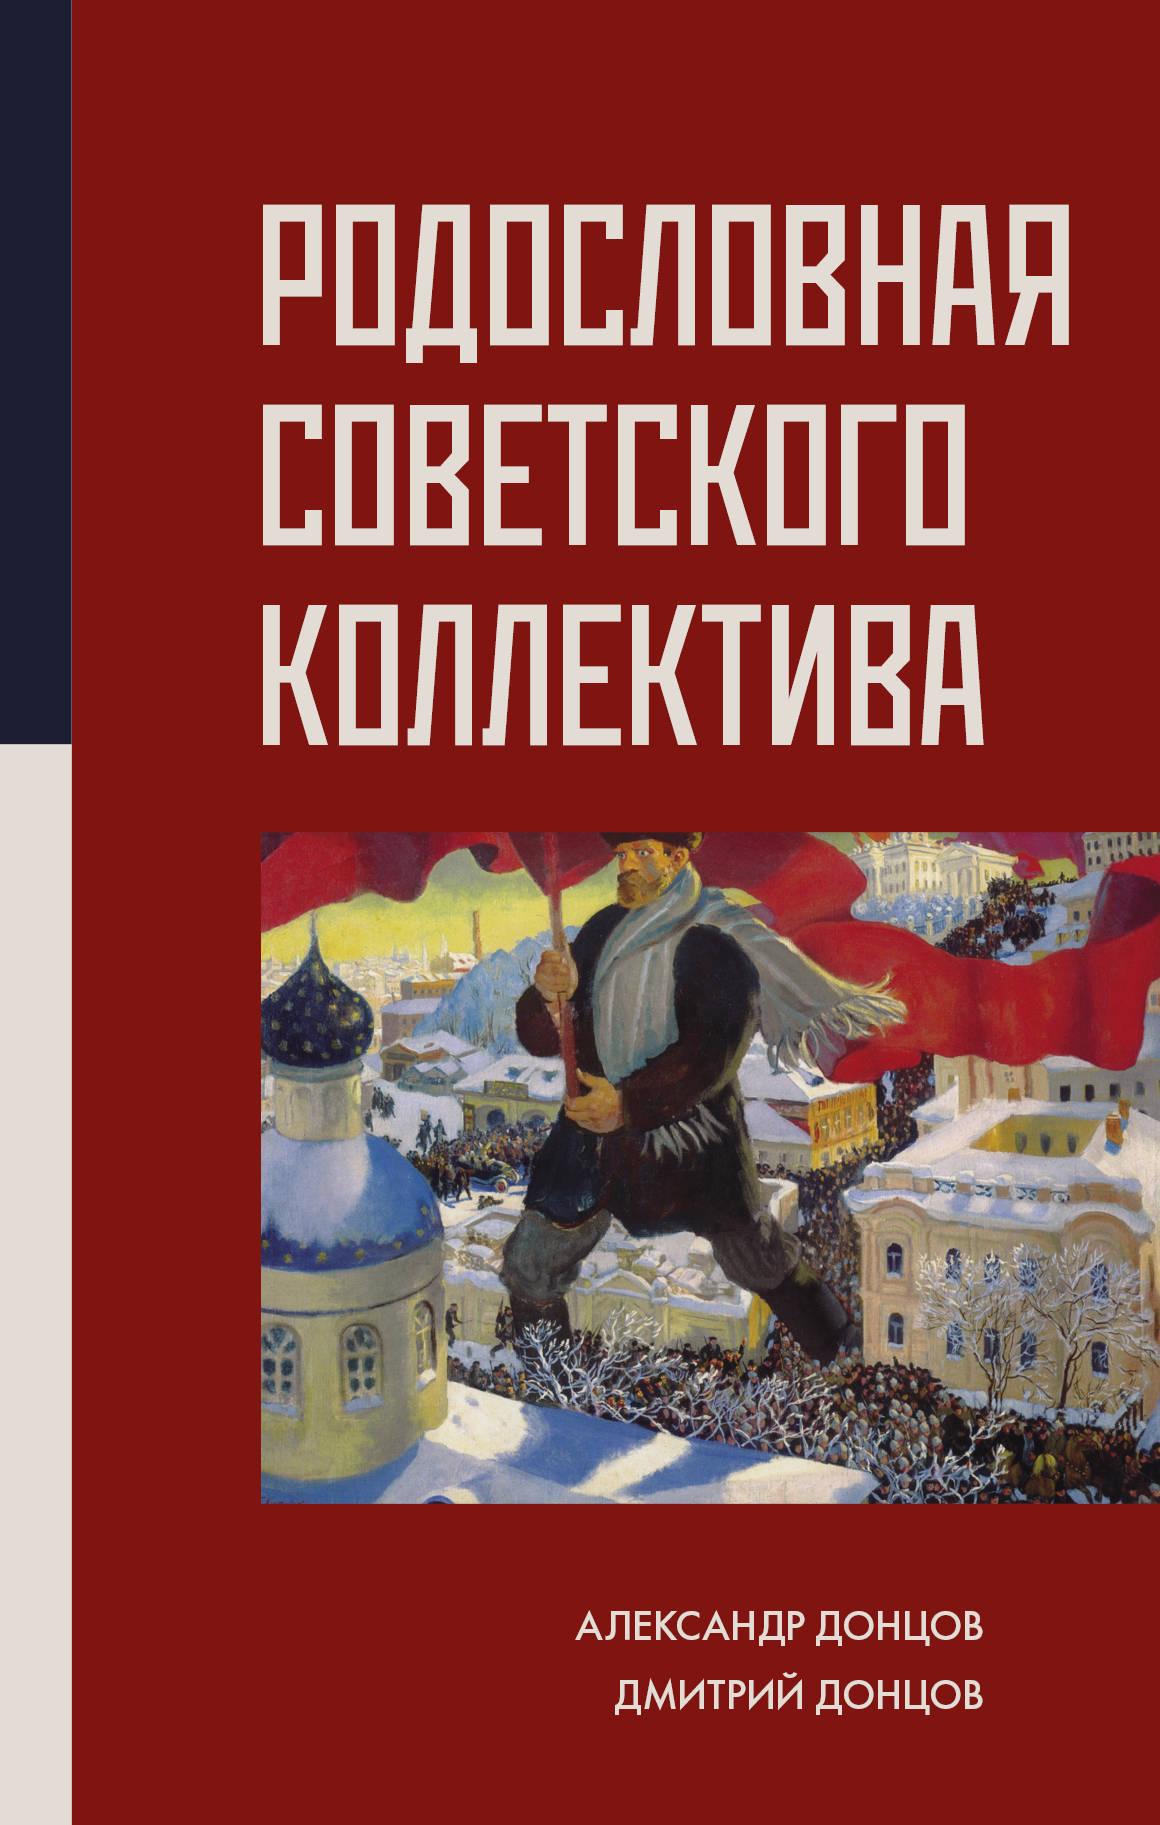 Rodoslovnaja Sovetskogo kollektiva